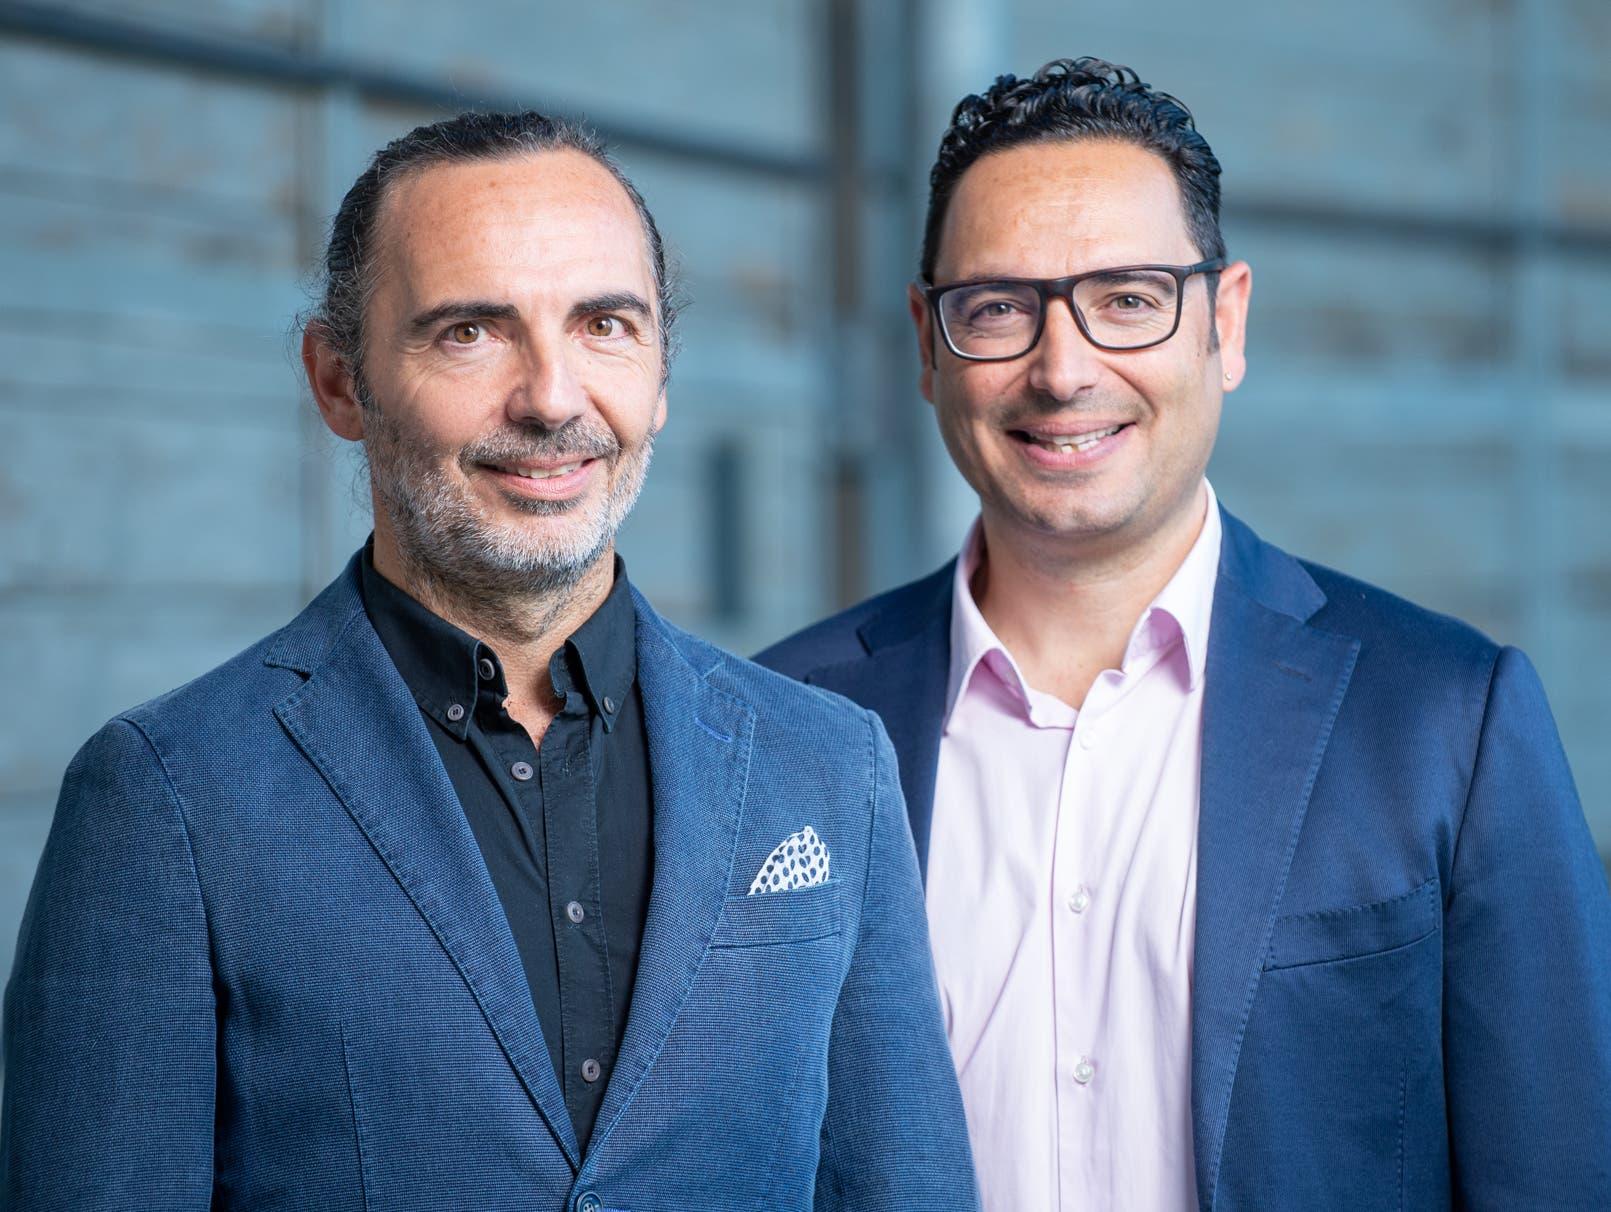 Renato (links) und Michele Cedrola geniessen als Spielerberater einen guten, seriösen Ruf.